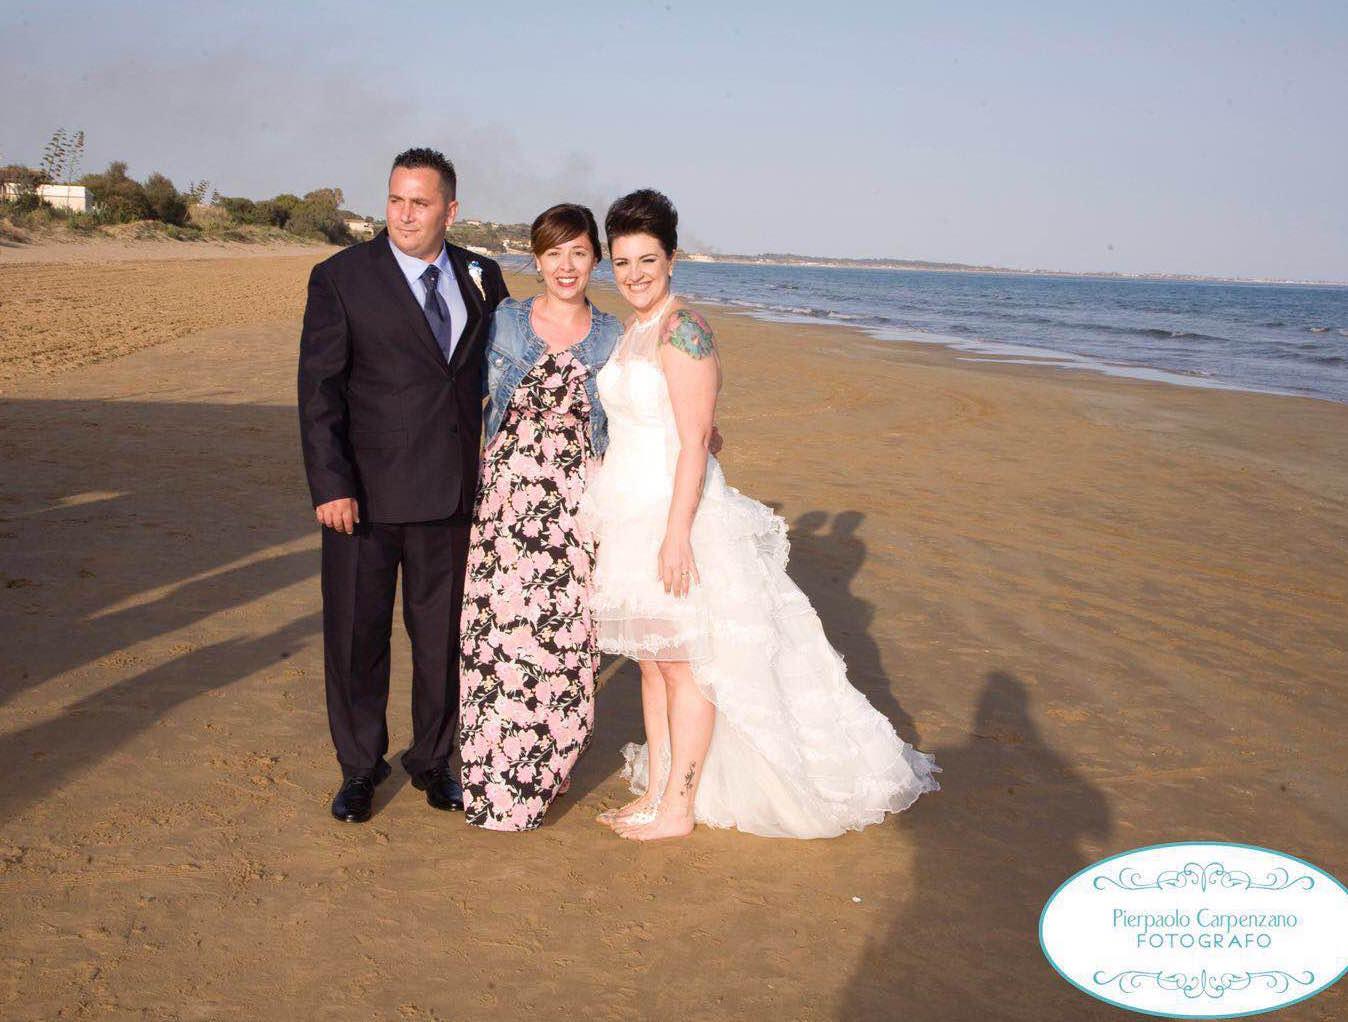 Matrimonio In Spiaggia Hawaii : Matrimonio in spiaggia a pozzallo